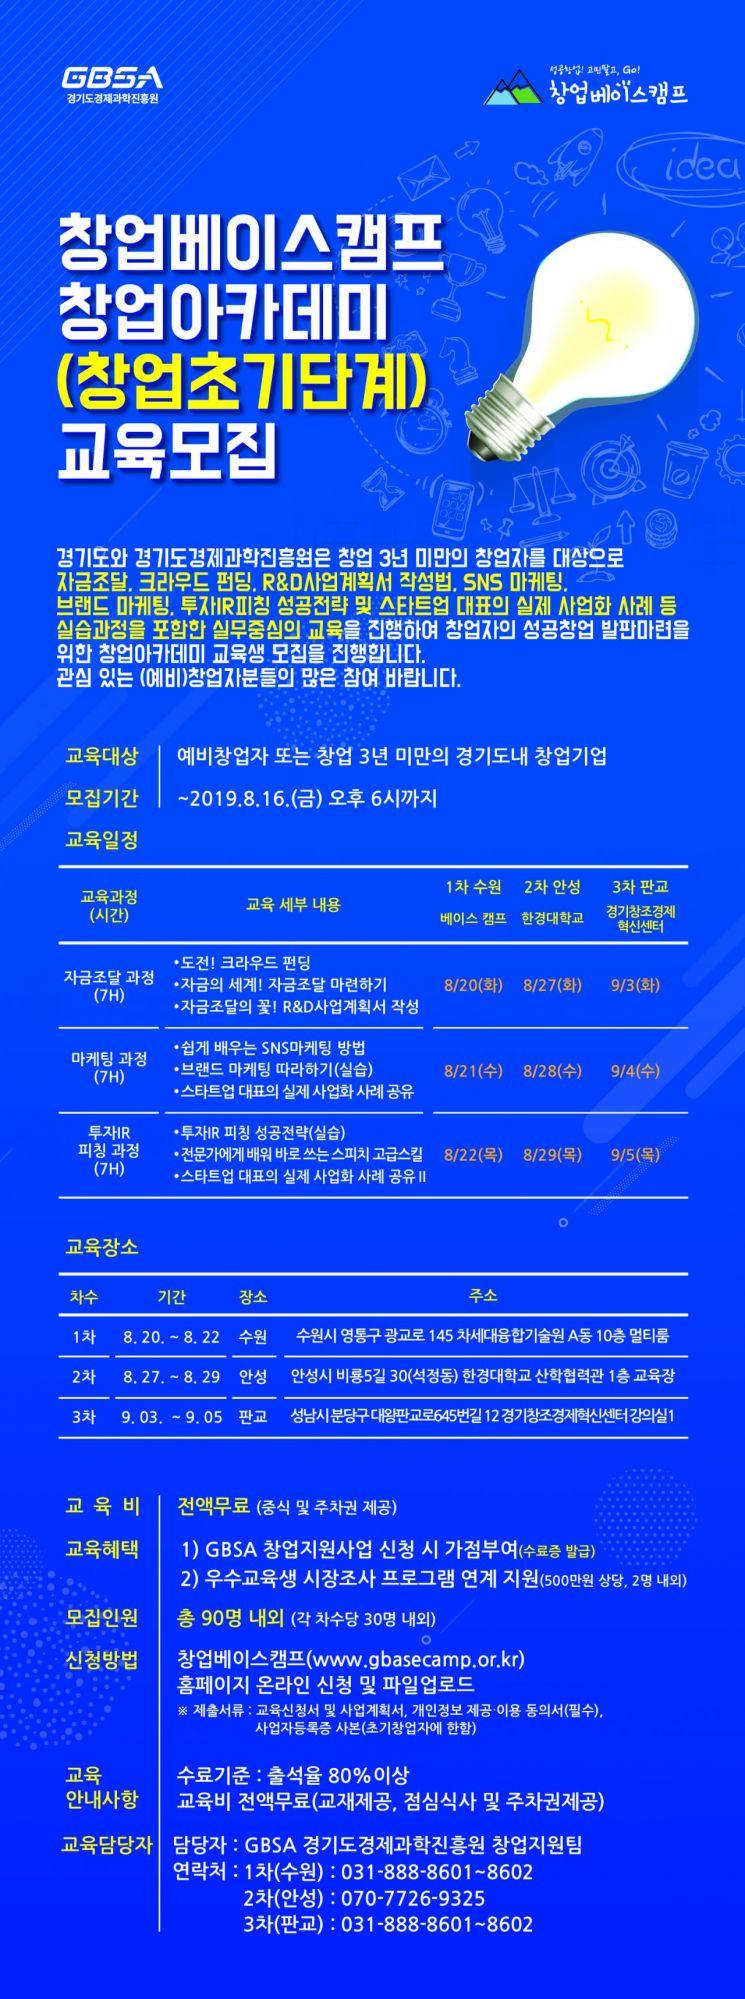 경기경제과학원 '창업아카데미' 개설…16일까지 접수